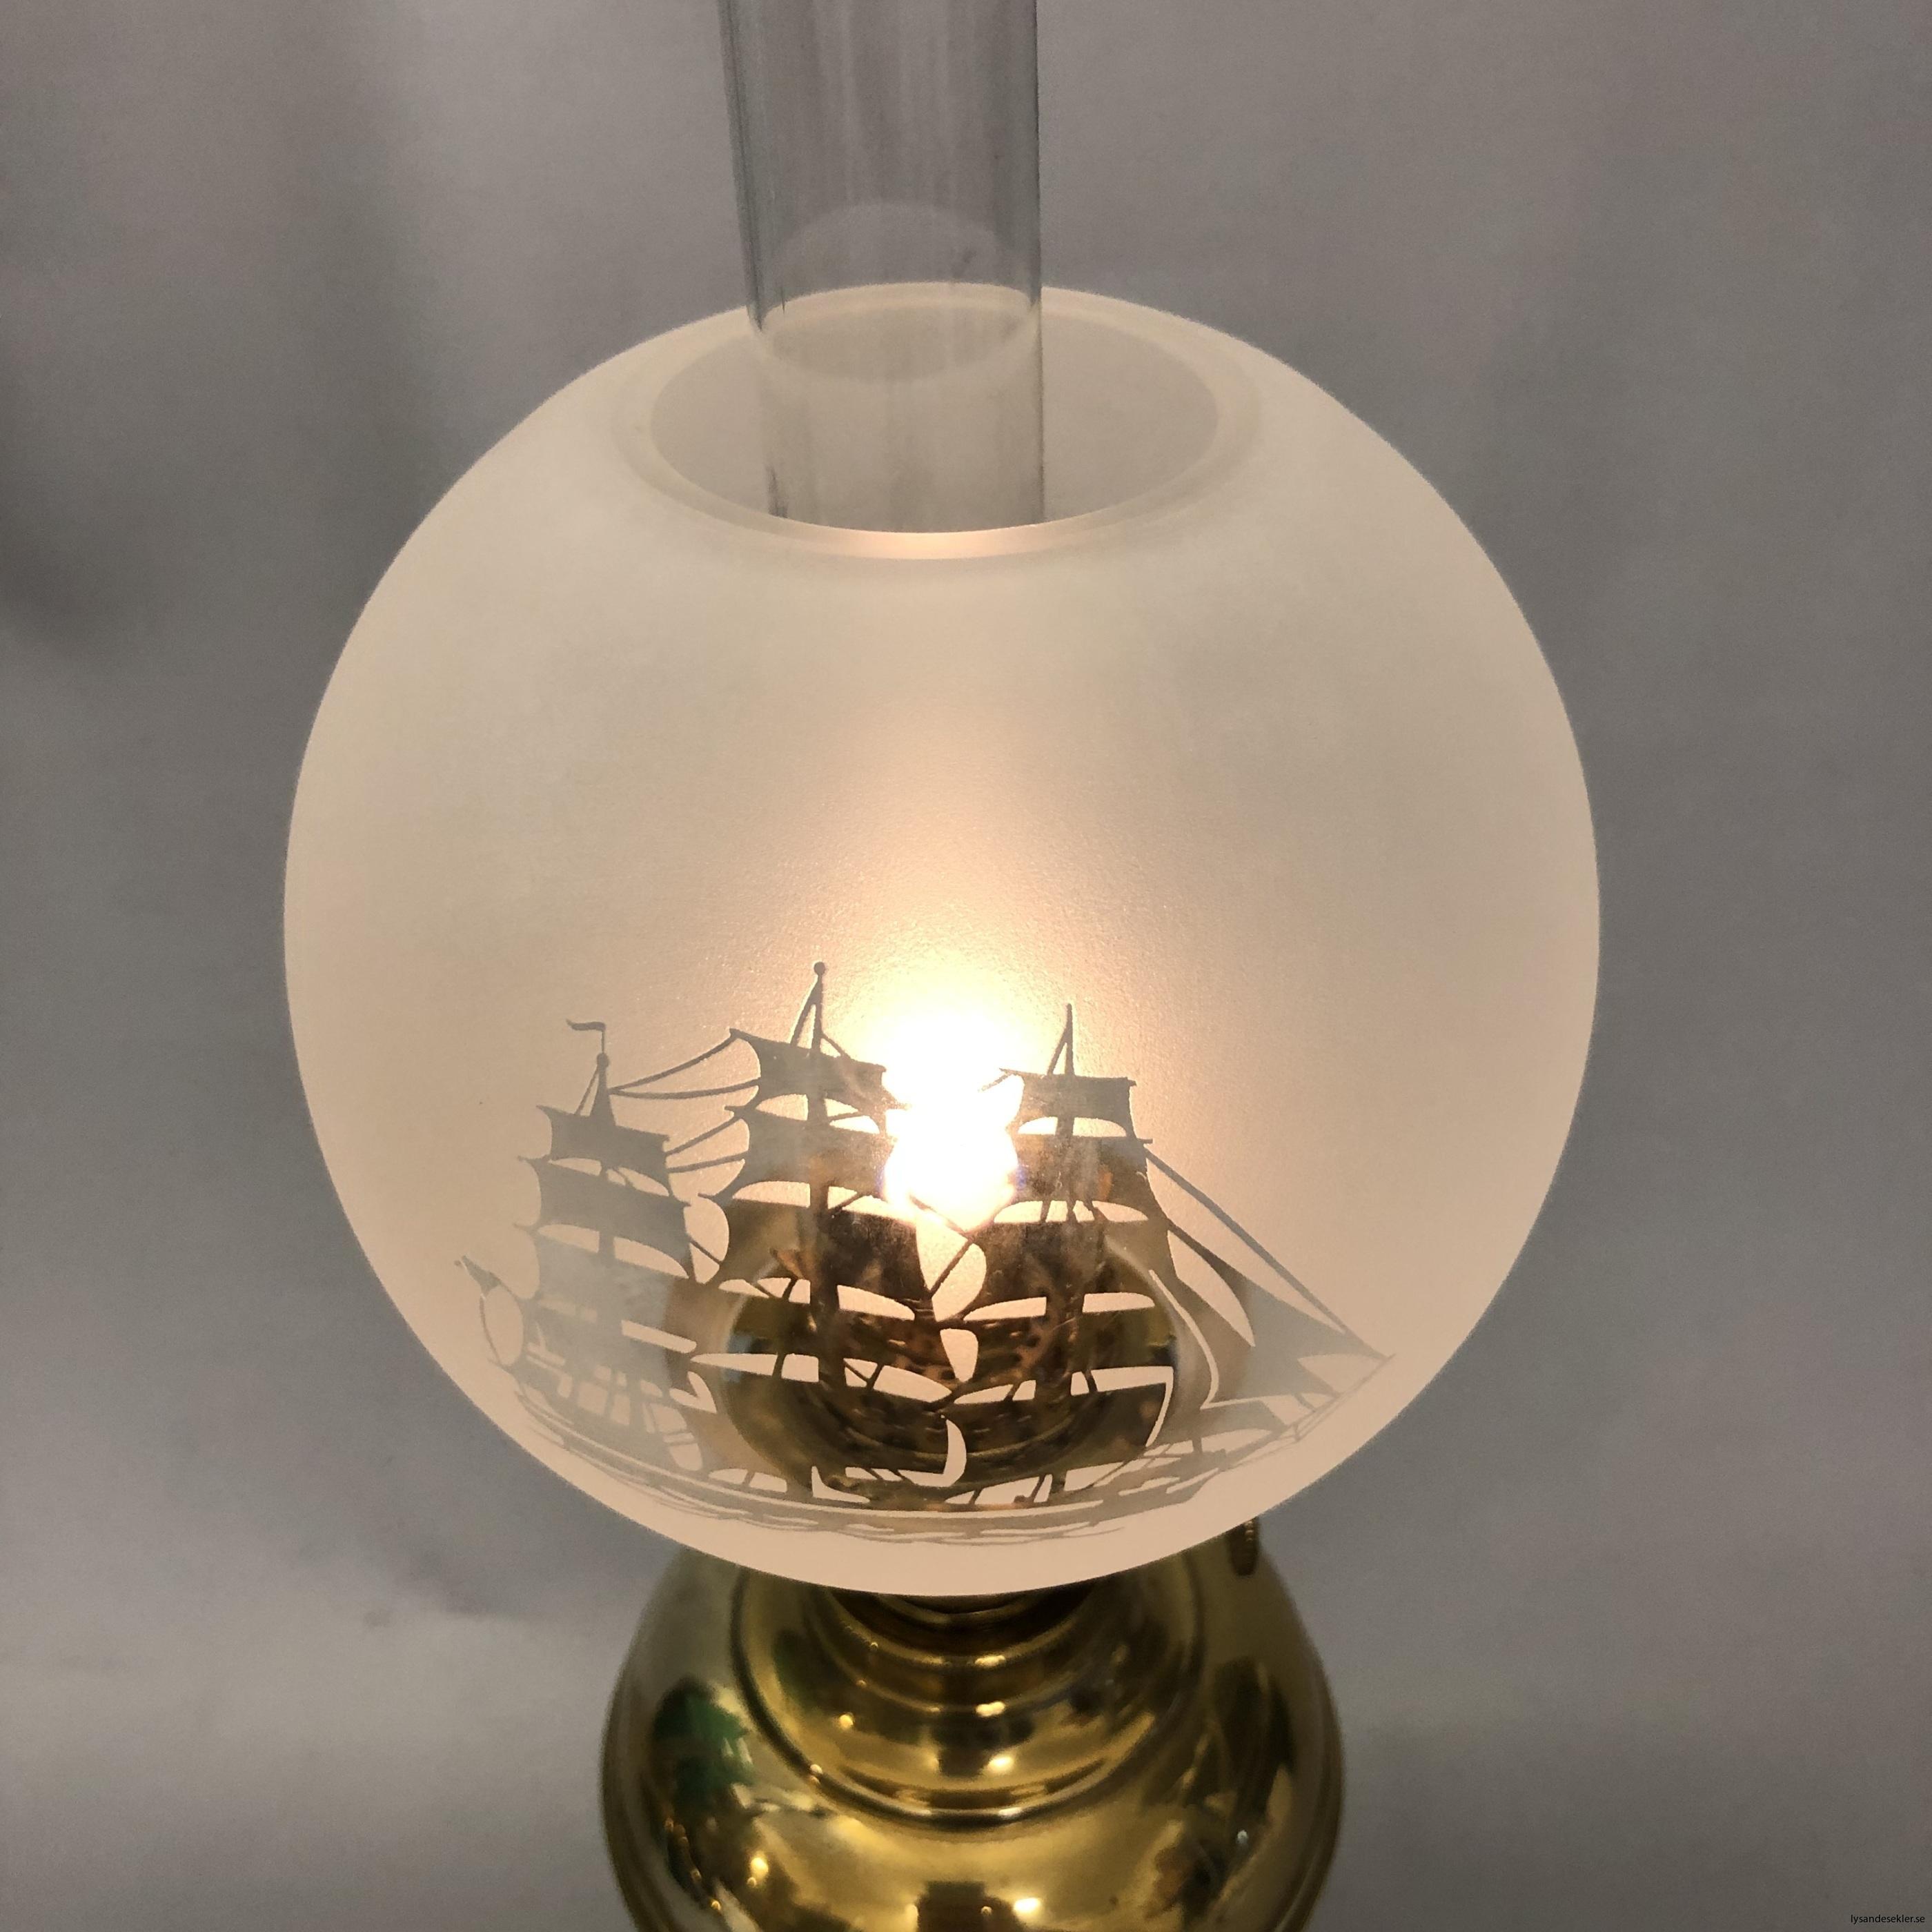 små klotkupor 135 mm till fotogenlampor dansk design4